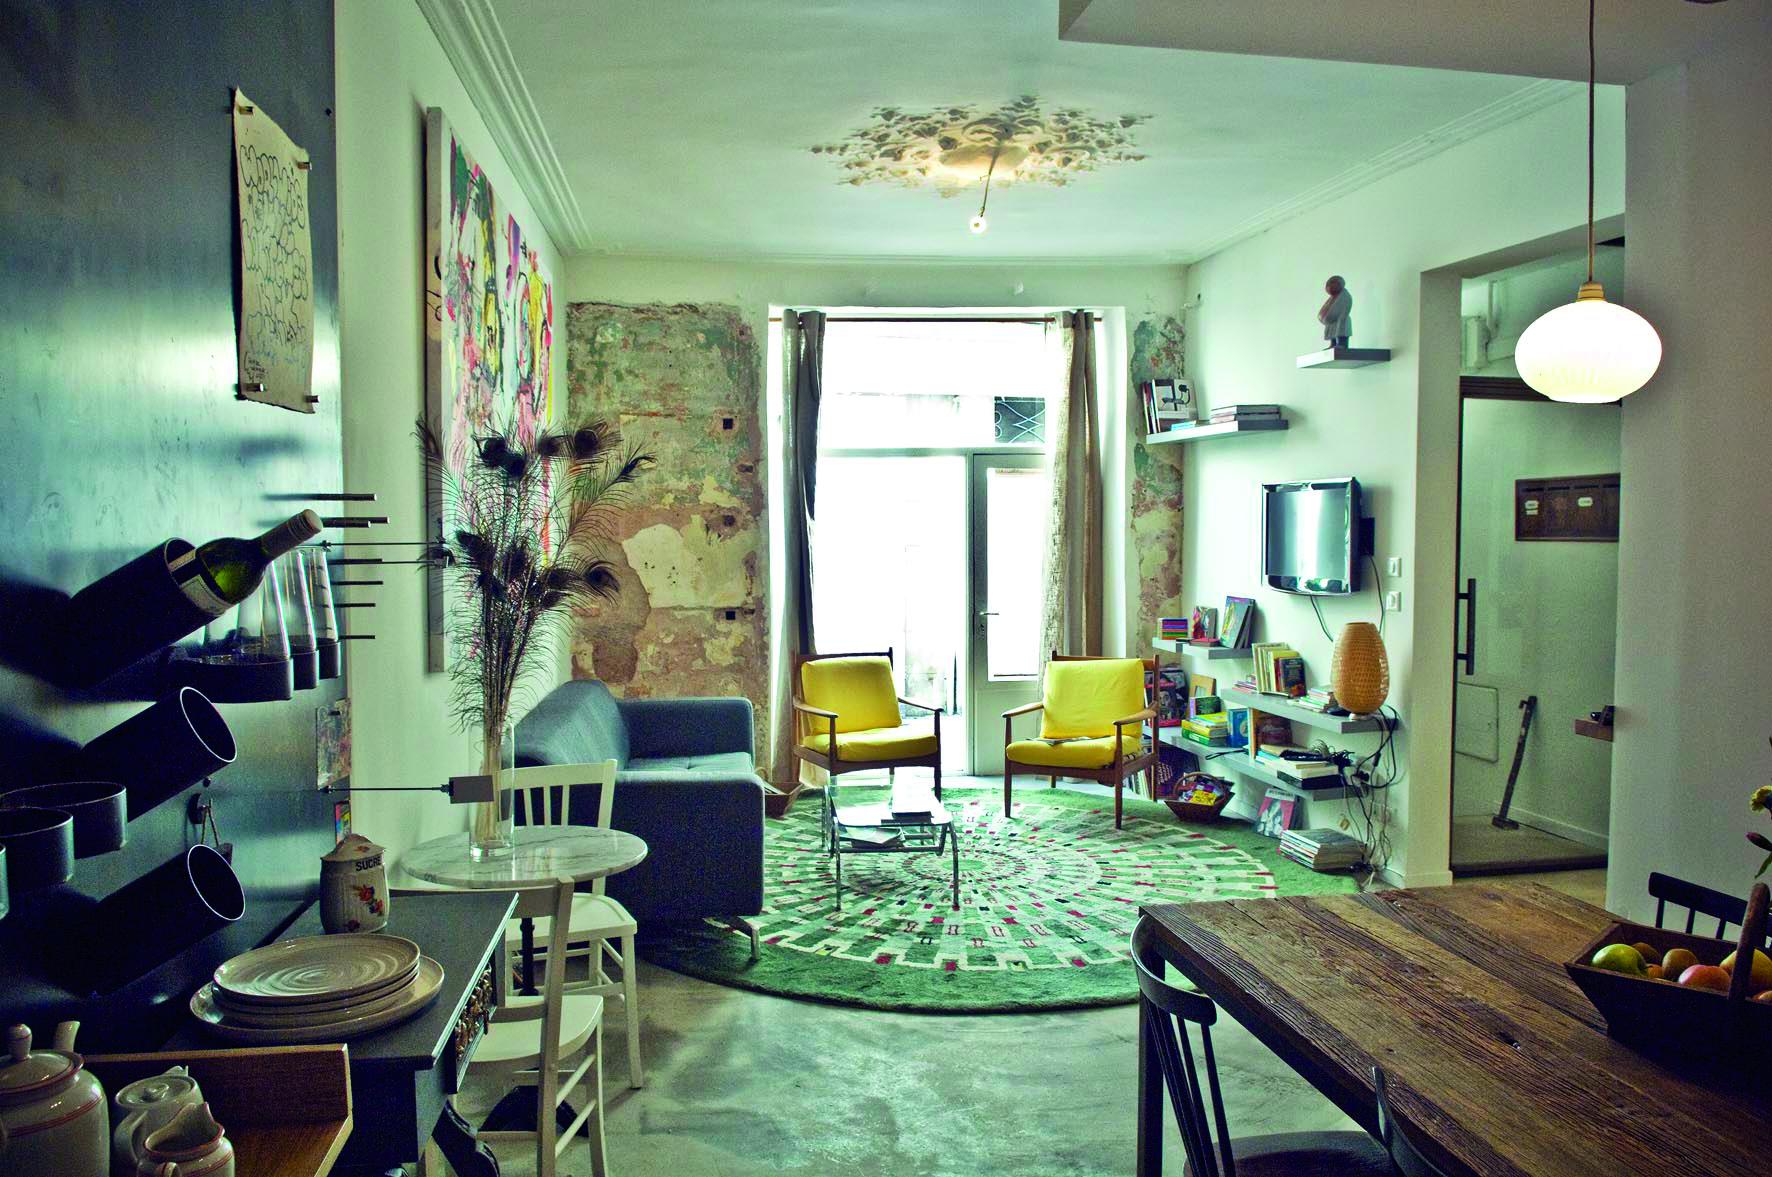 Maison d h´tes urbaine et arty  Marseille